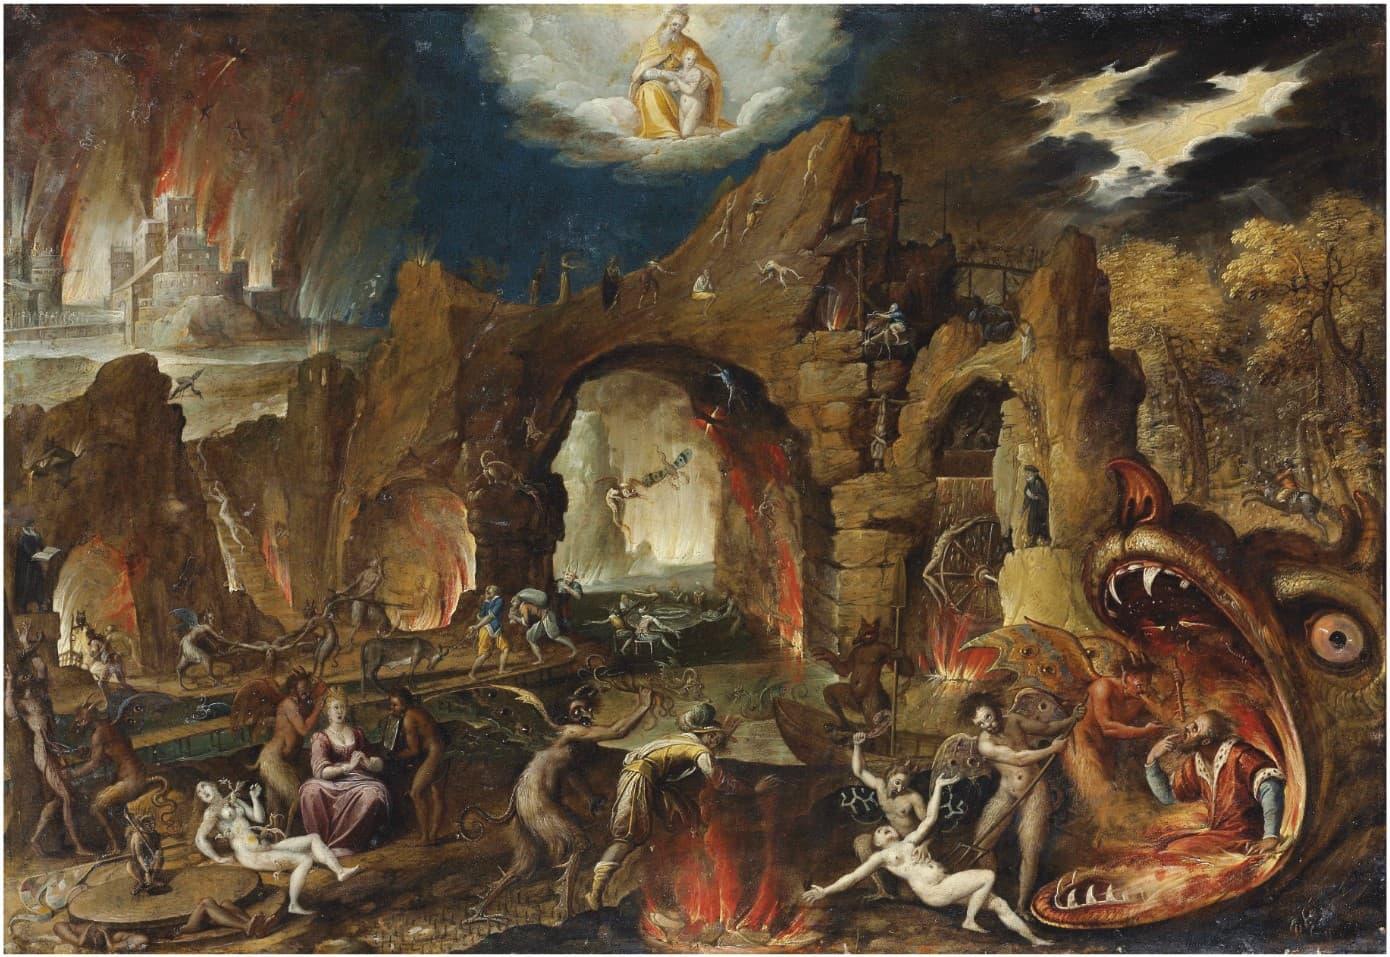 Jacob Isaacsz descenso de cristo a los infiernos